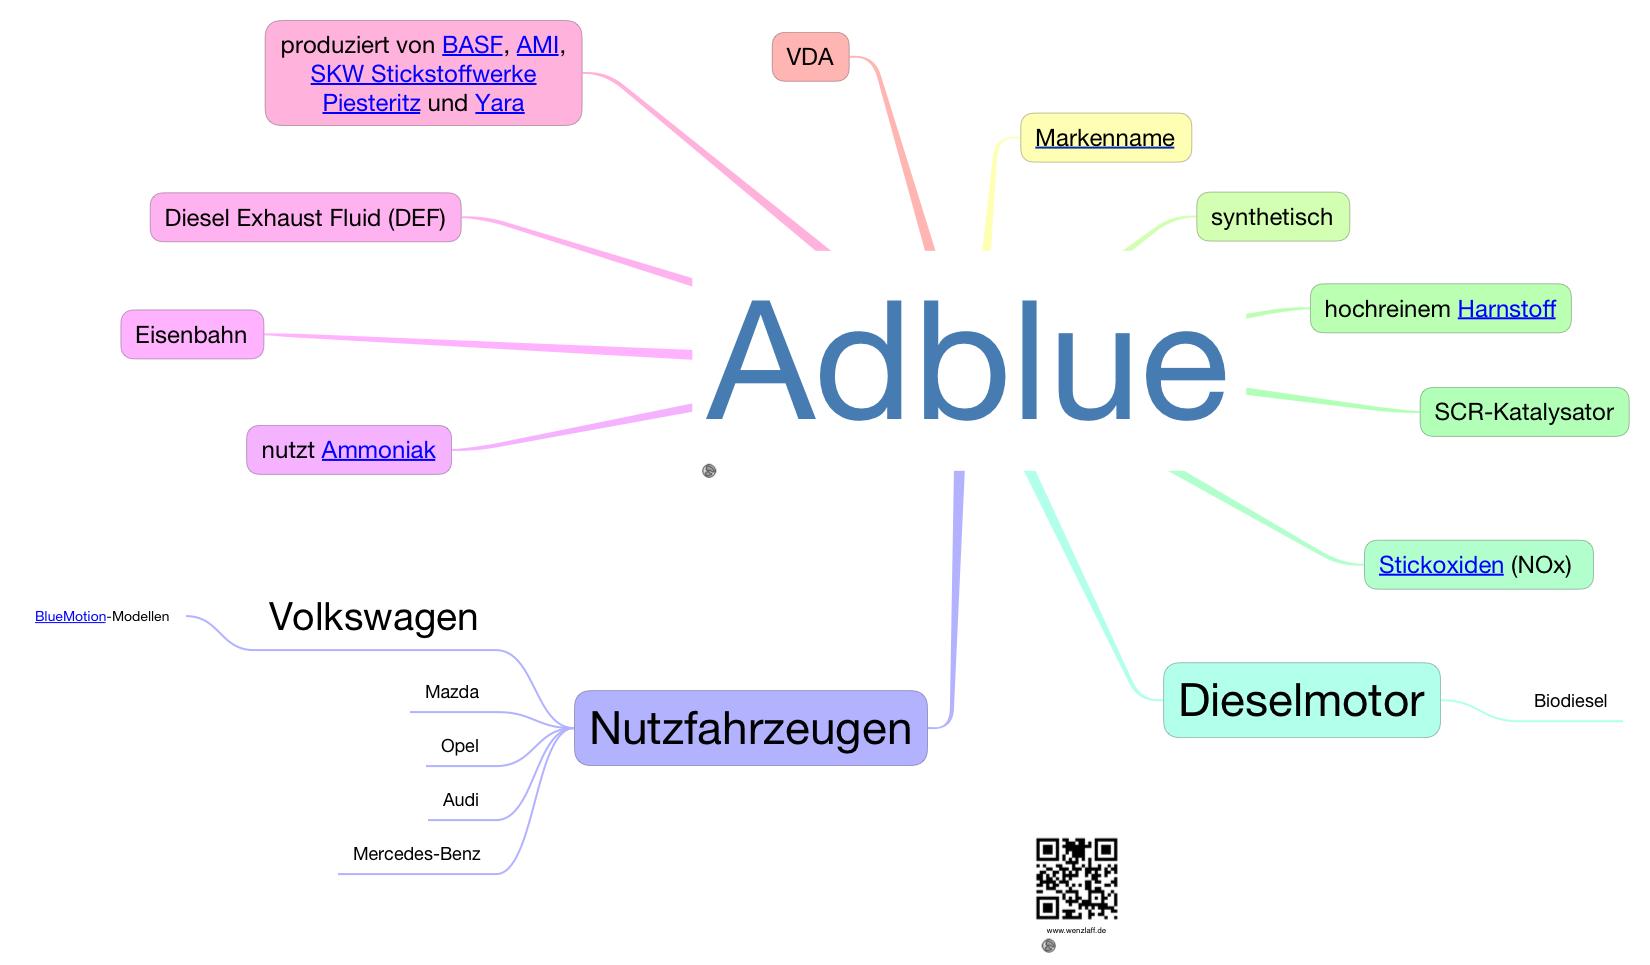 addblue